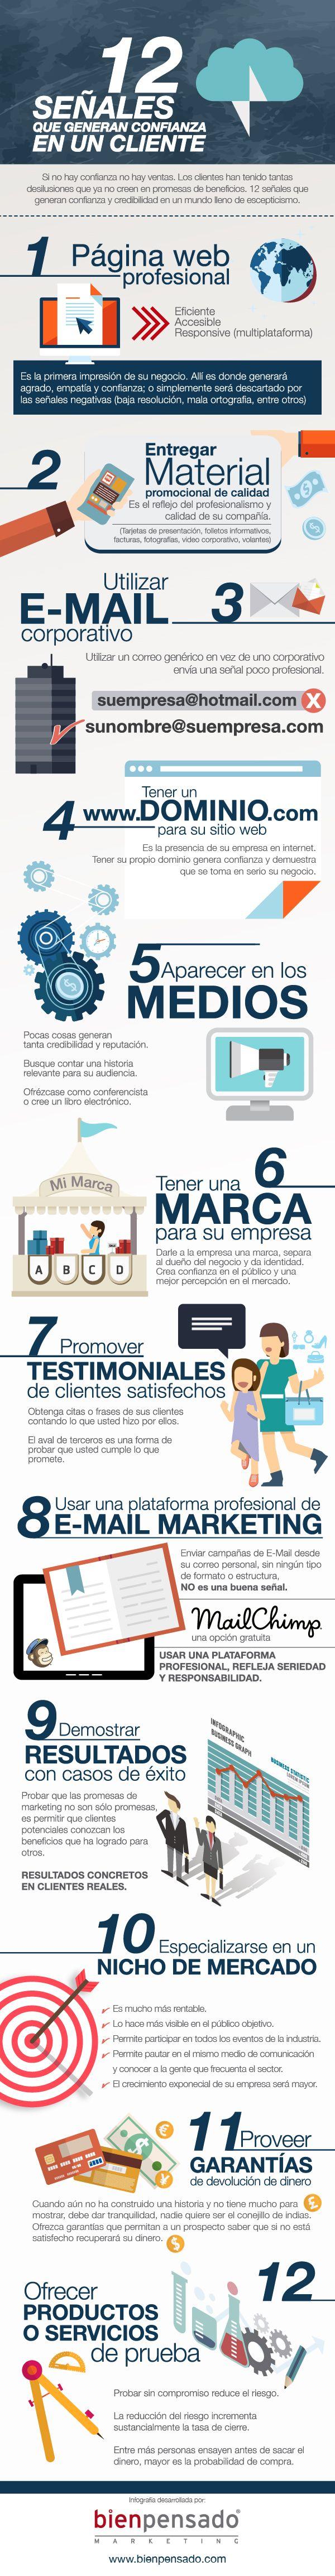 Hola: Una infografía con 12 señales que generan confianza en un cliente. Vía Un saludo